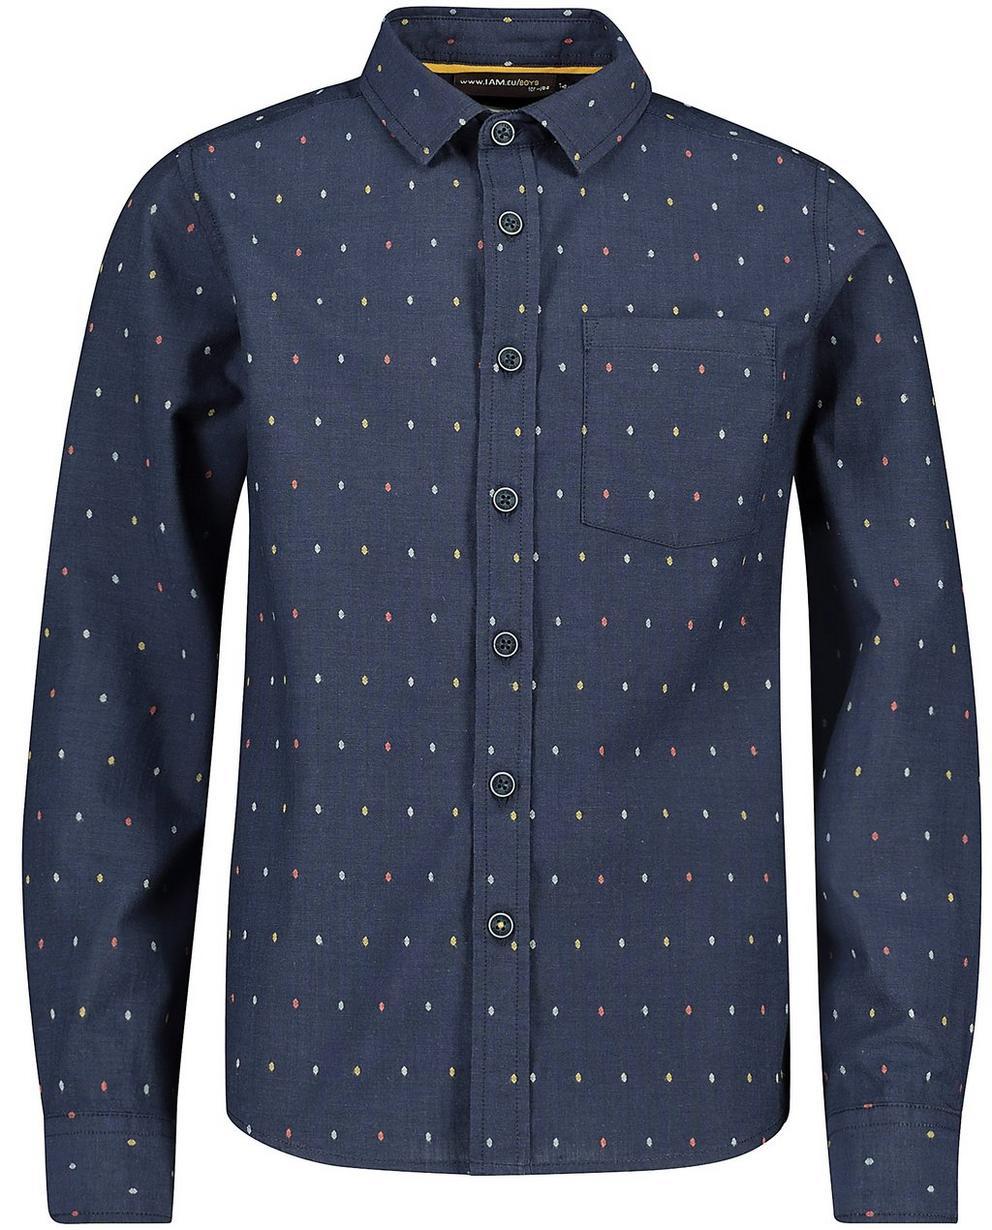 Hemden - Navy - Hemd aus Biobaumwolle mit Stickerei